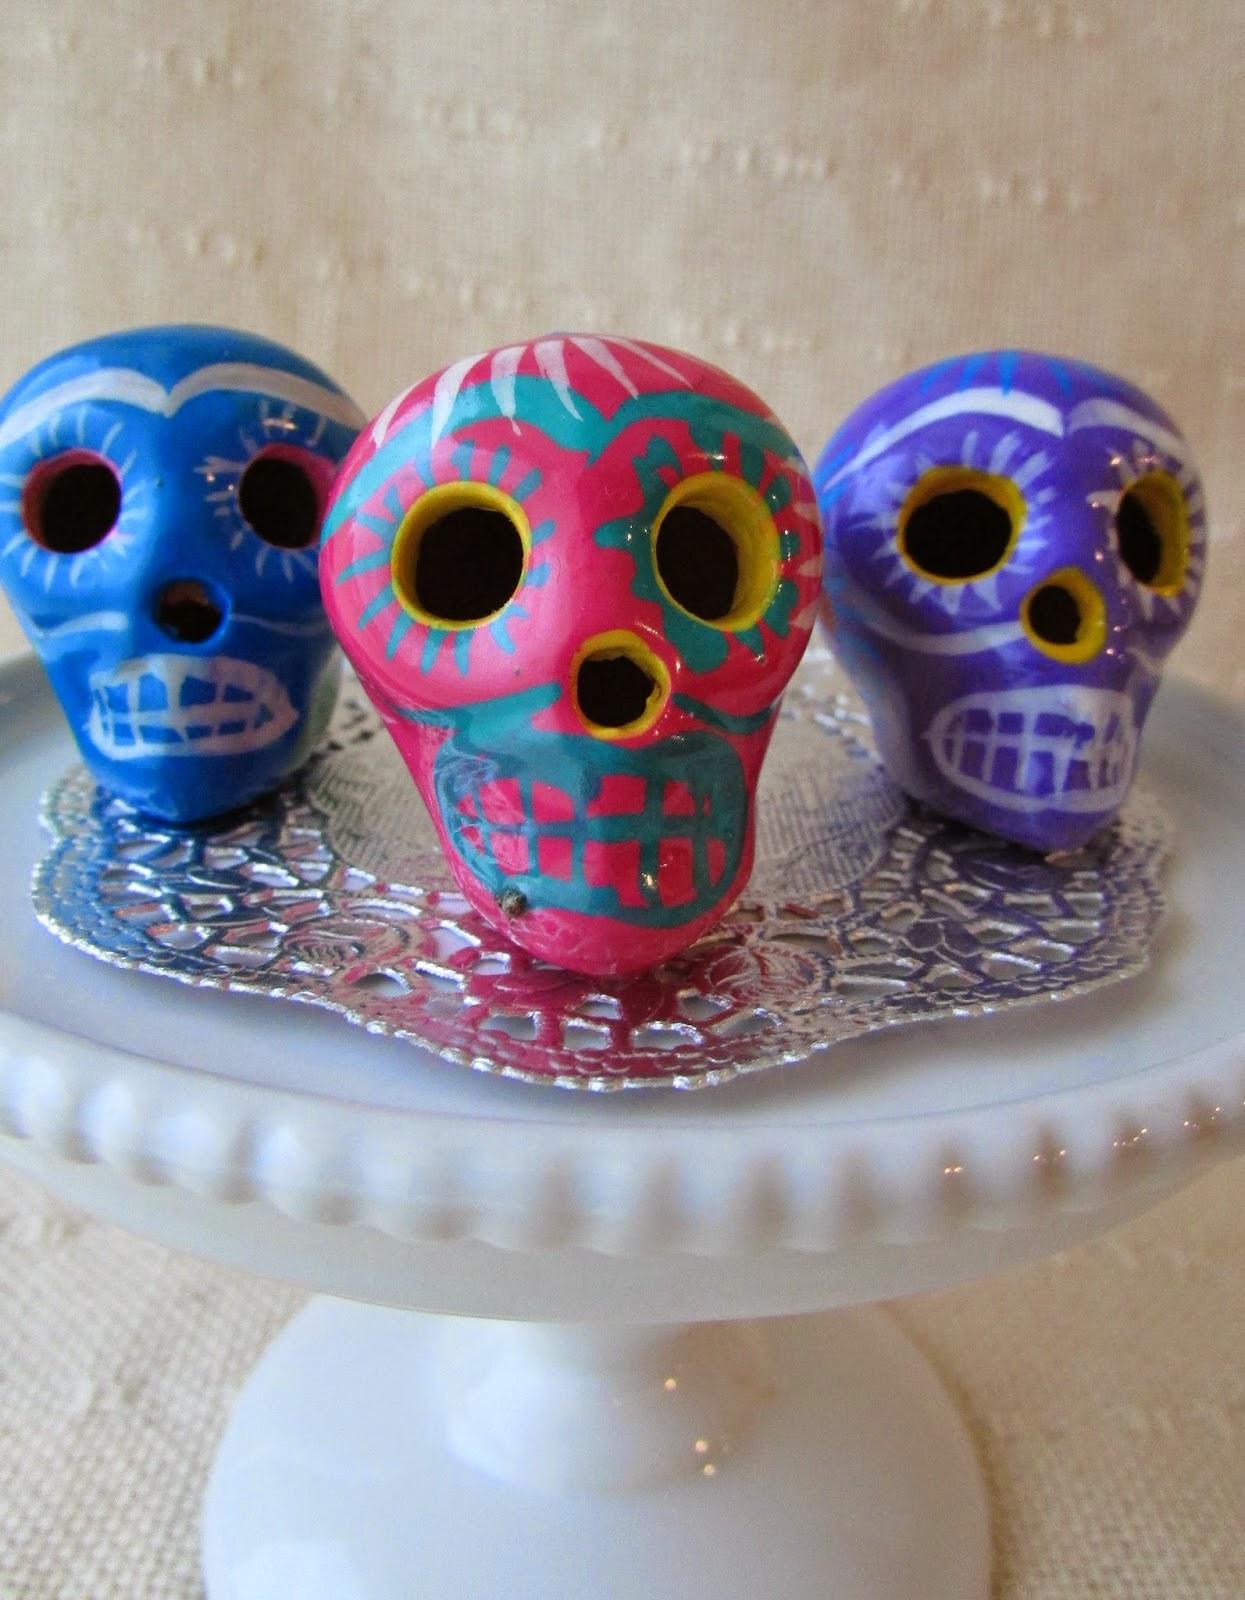 calaveras-dia-de-muertos-cupcakes-calabaza